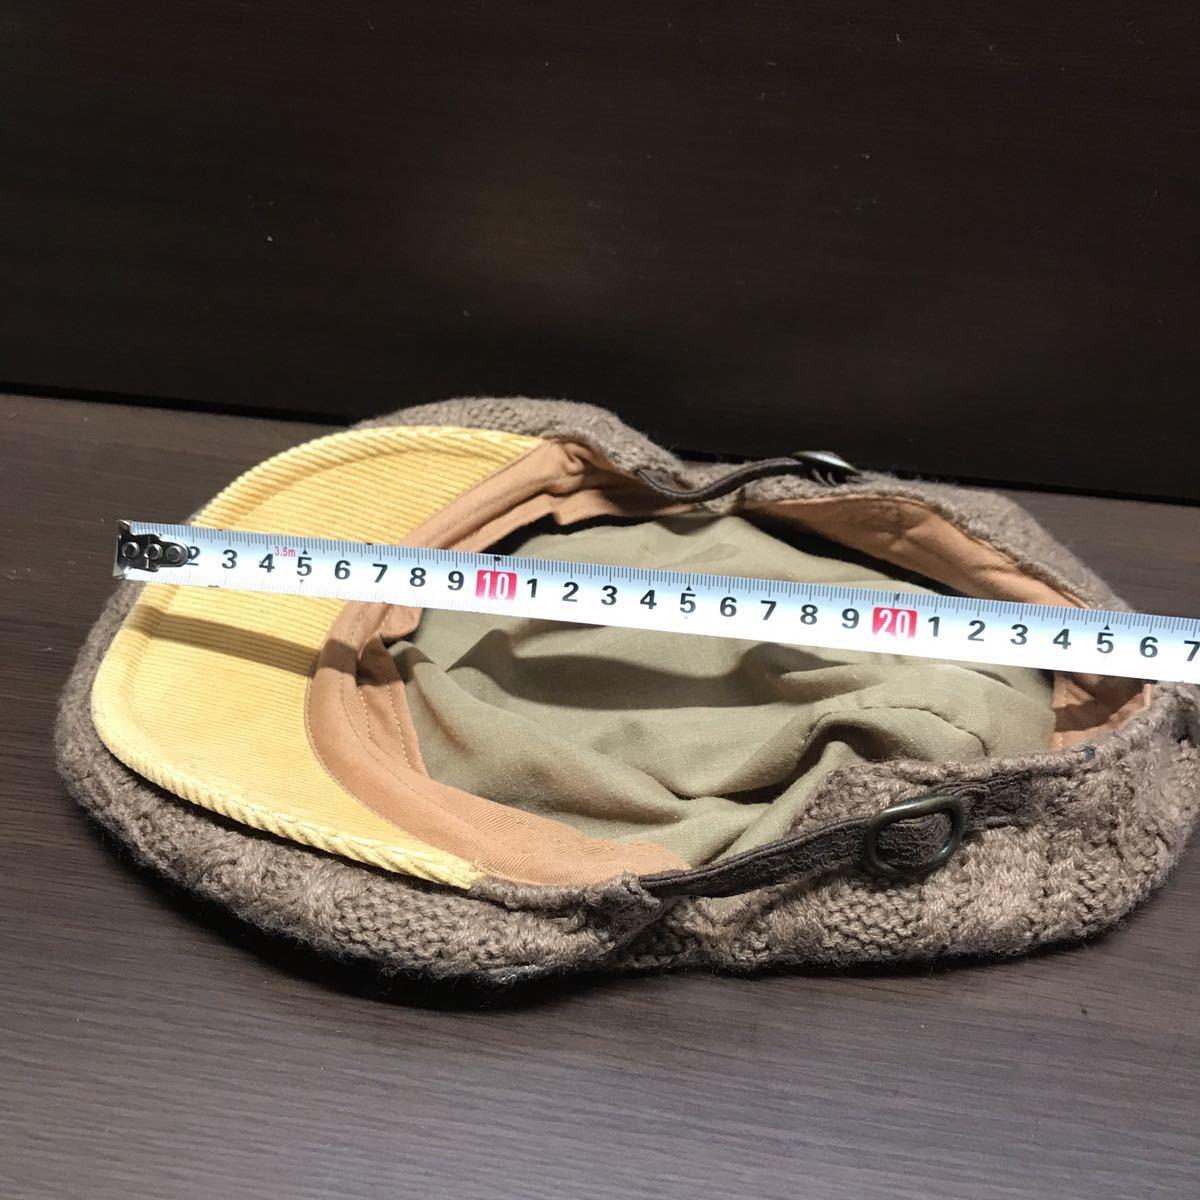 GRACE HATS ユニセックス ハンチングニット帽 ブラウン系 グレースハット_画像4